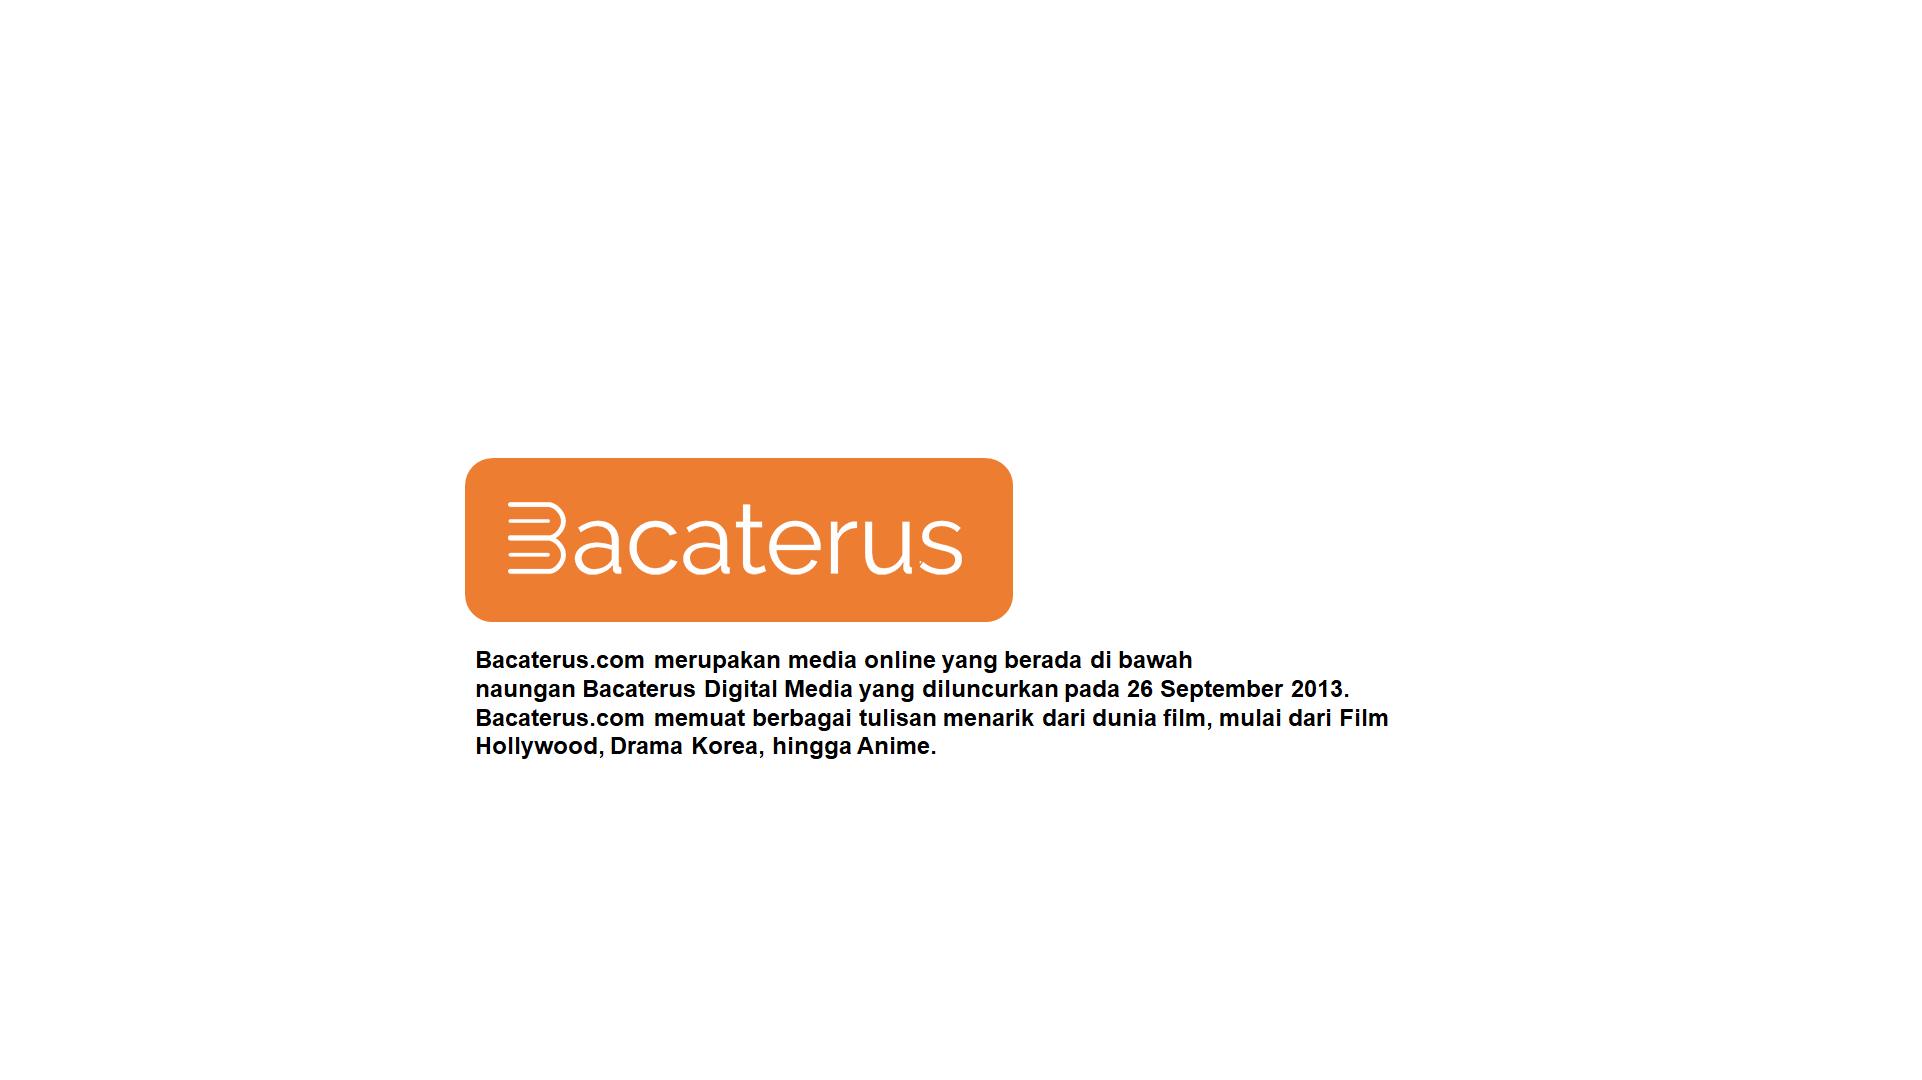 bacaterus